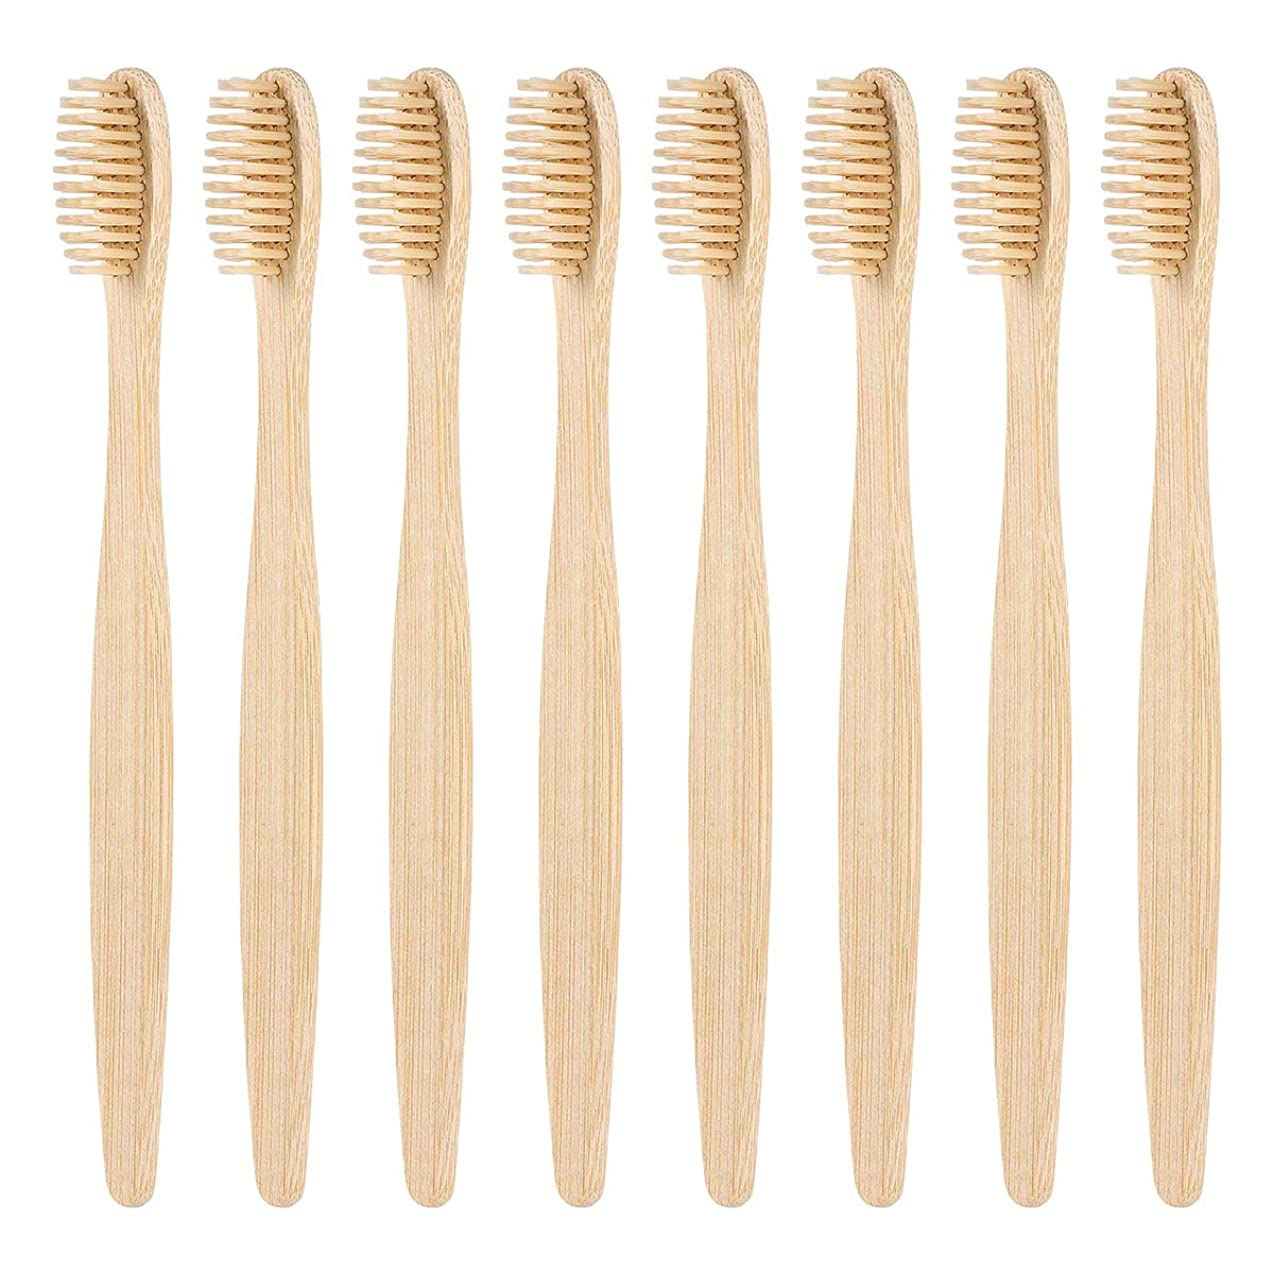 敵本会議成熟したHealifty 柔らかい剛毛8PCSが付いている環境に優しいタケ歯ブラシの自然な木の環境に優しい歯ブラシ